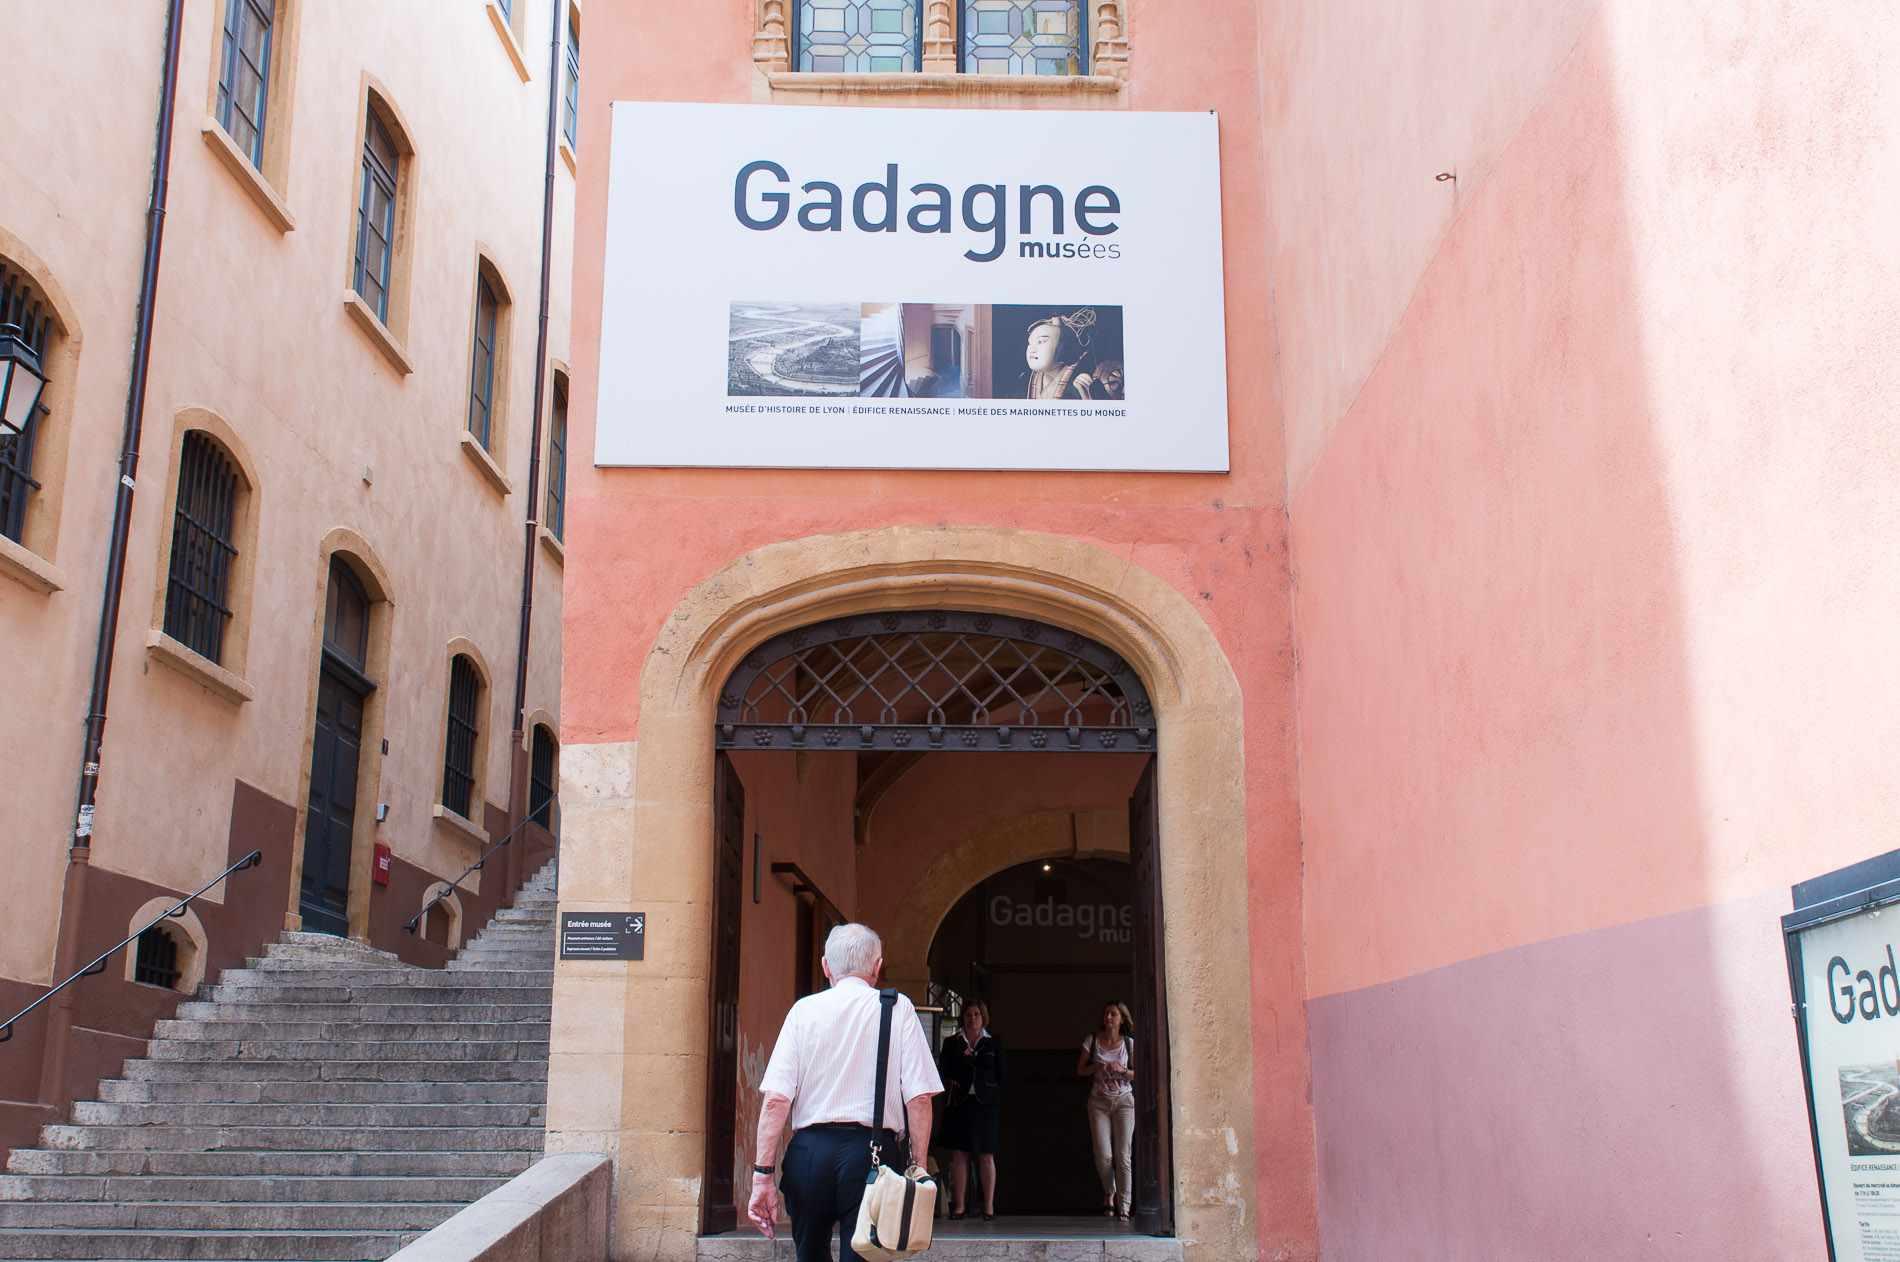 Entrance to the Musées Gadagne, Vieux Lyon, France